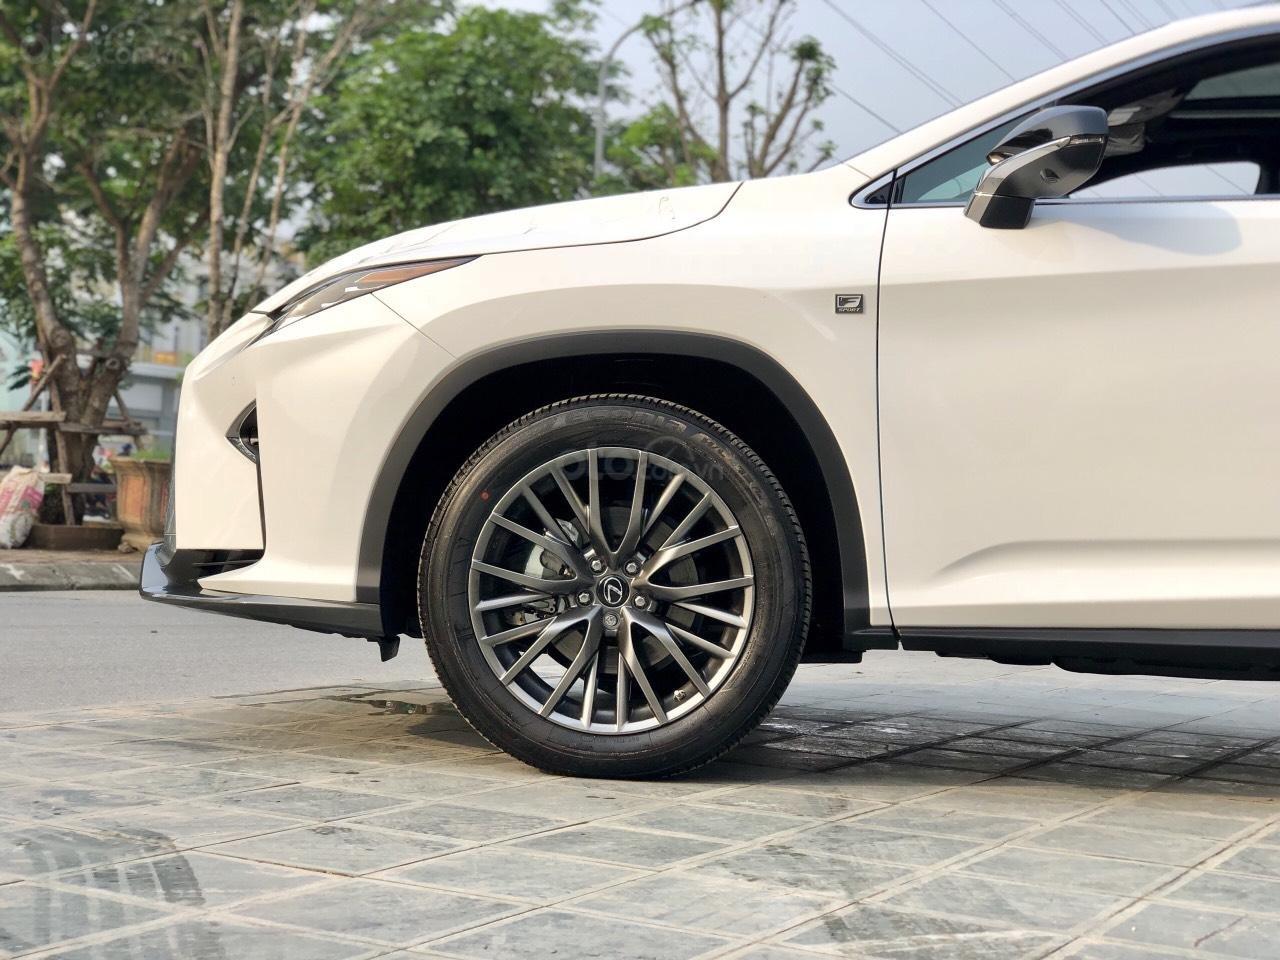 Bán Lexus RX Fsport sản xuất năm 2019, xe nhập Mỹ LH 0945.39.2468 Ms Hương (7)